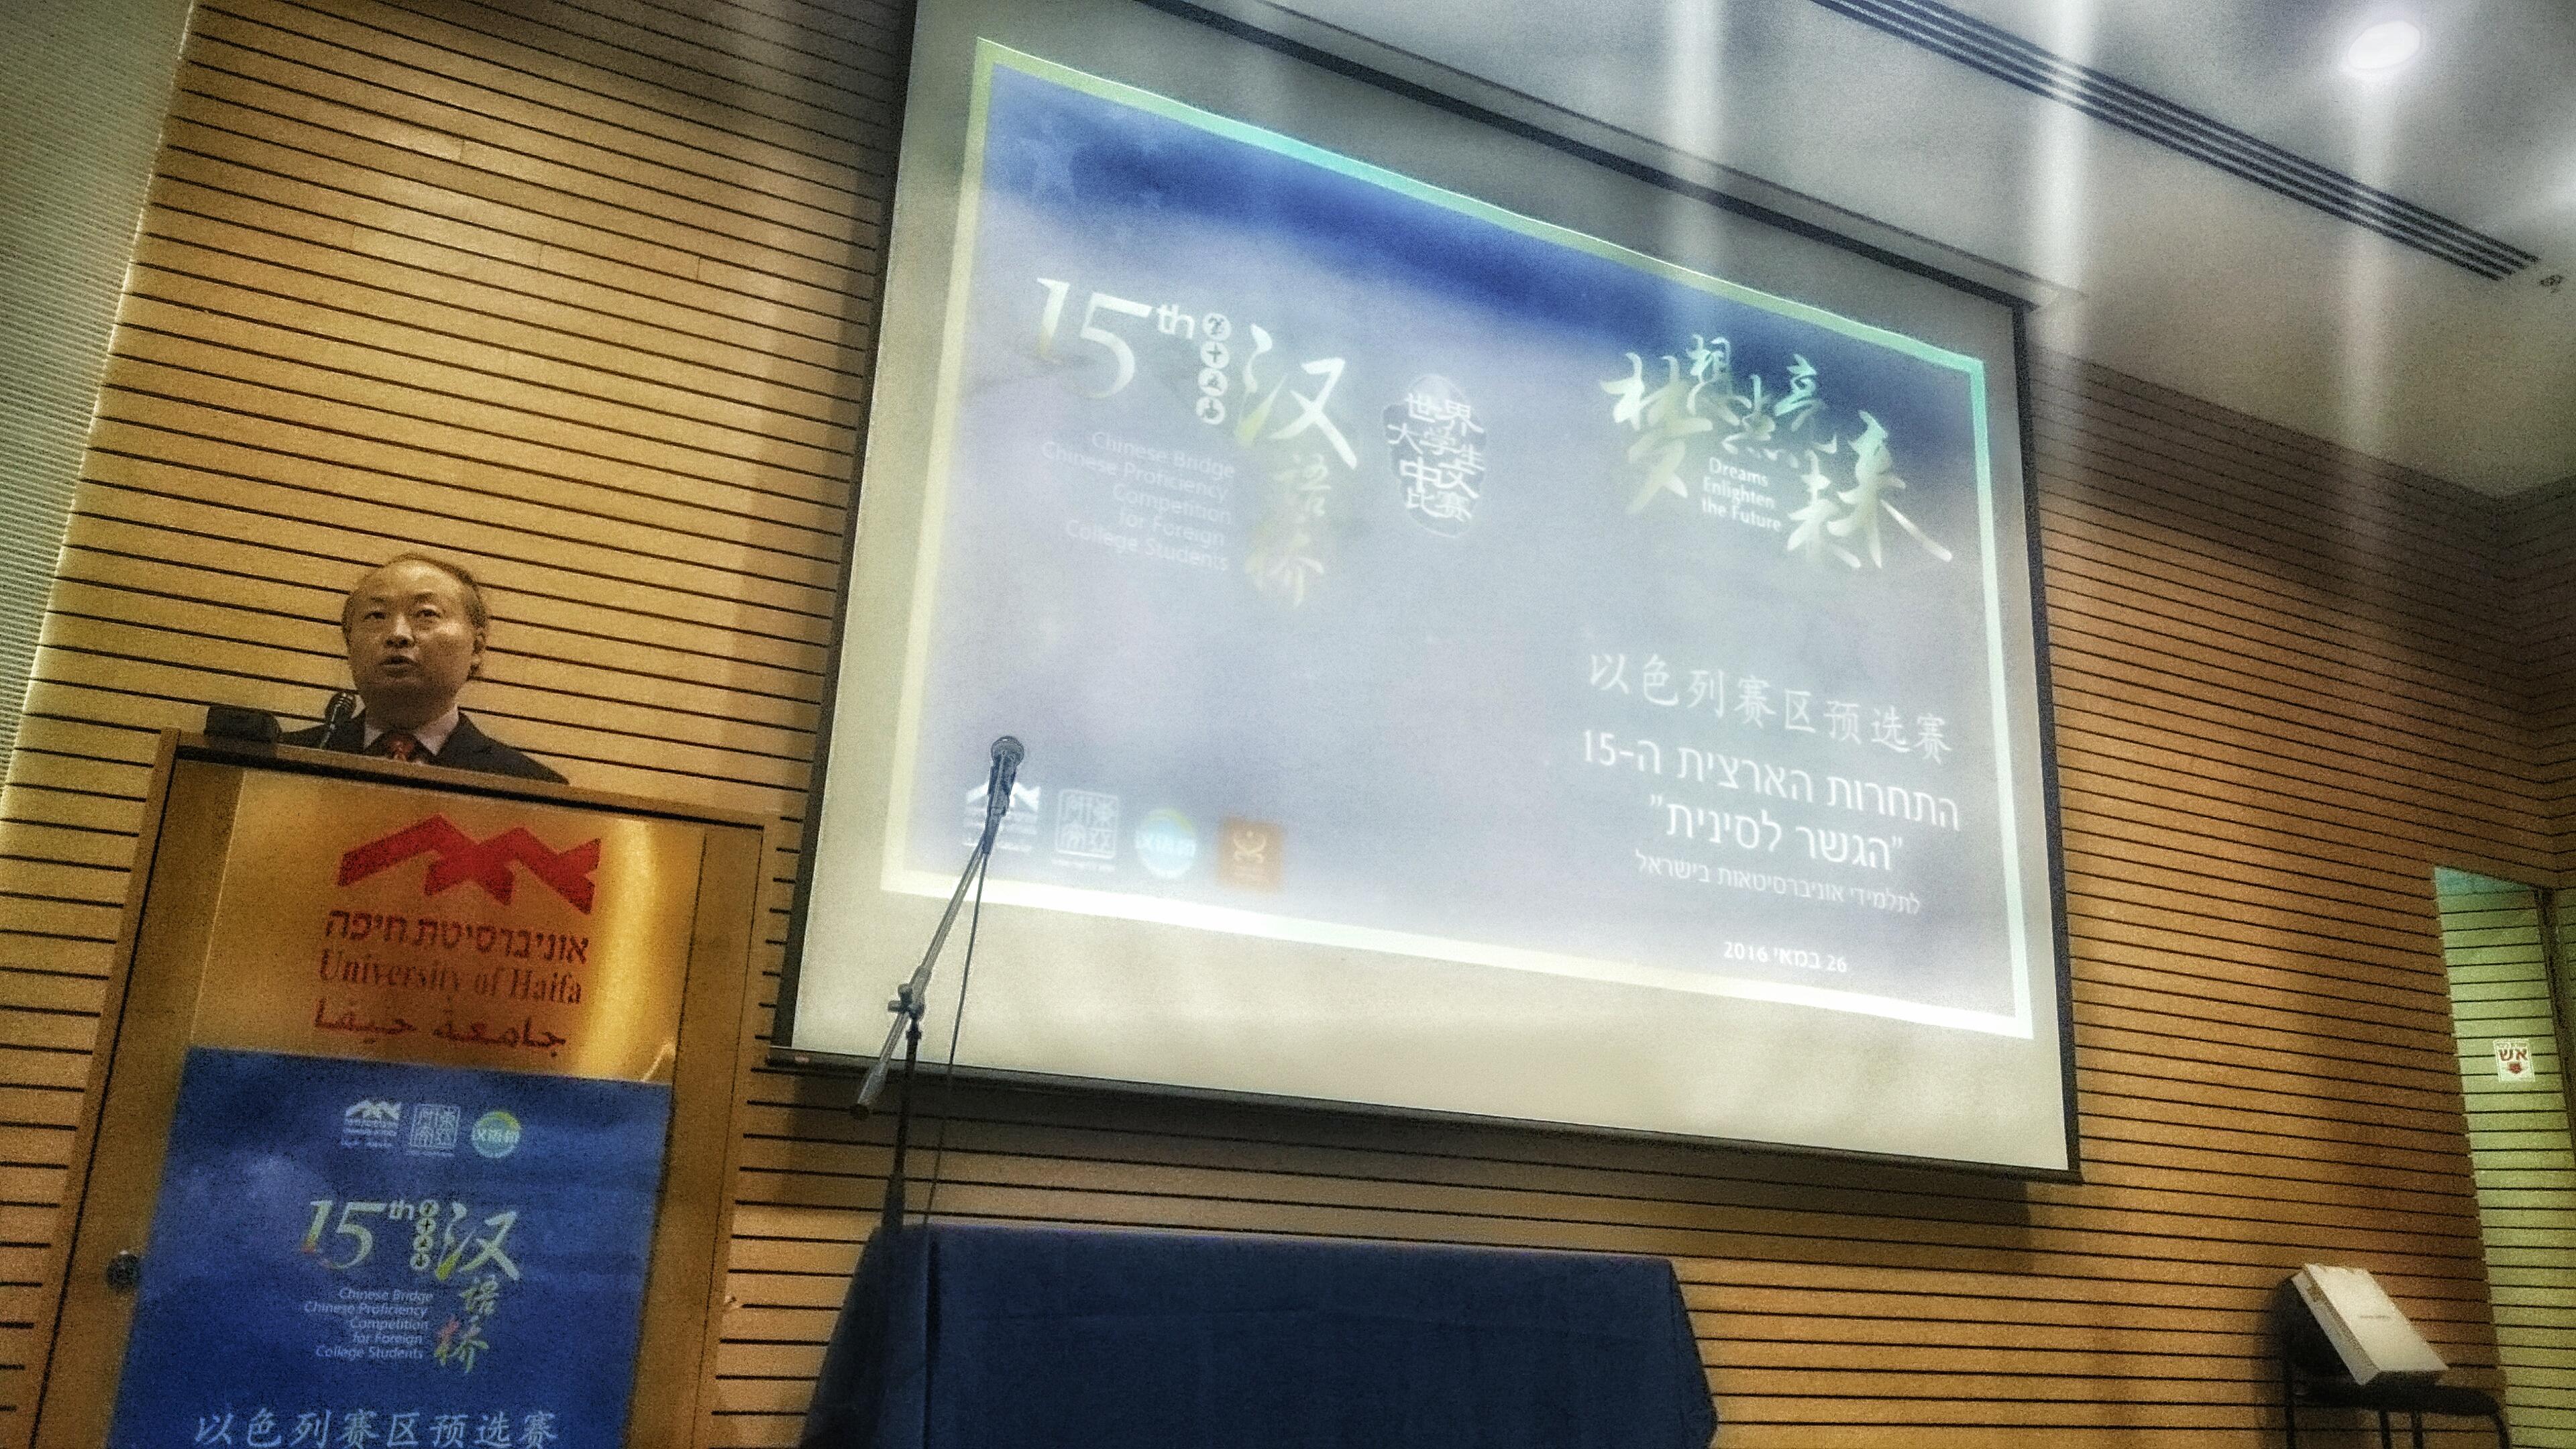 נאום הסיום מפי שגריר סין בישראל